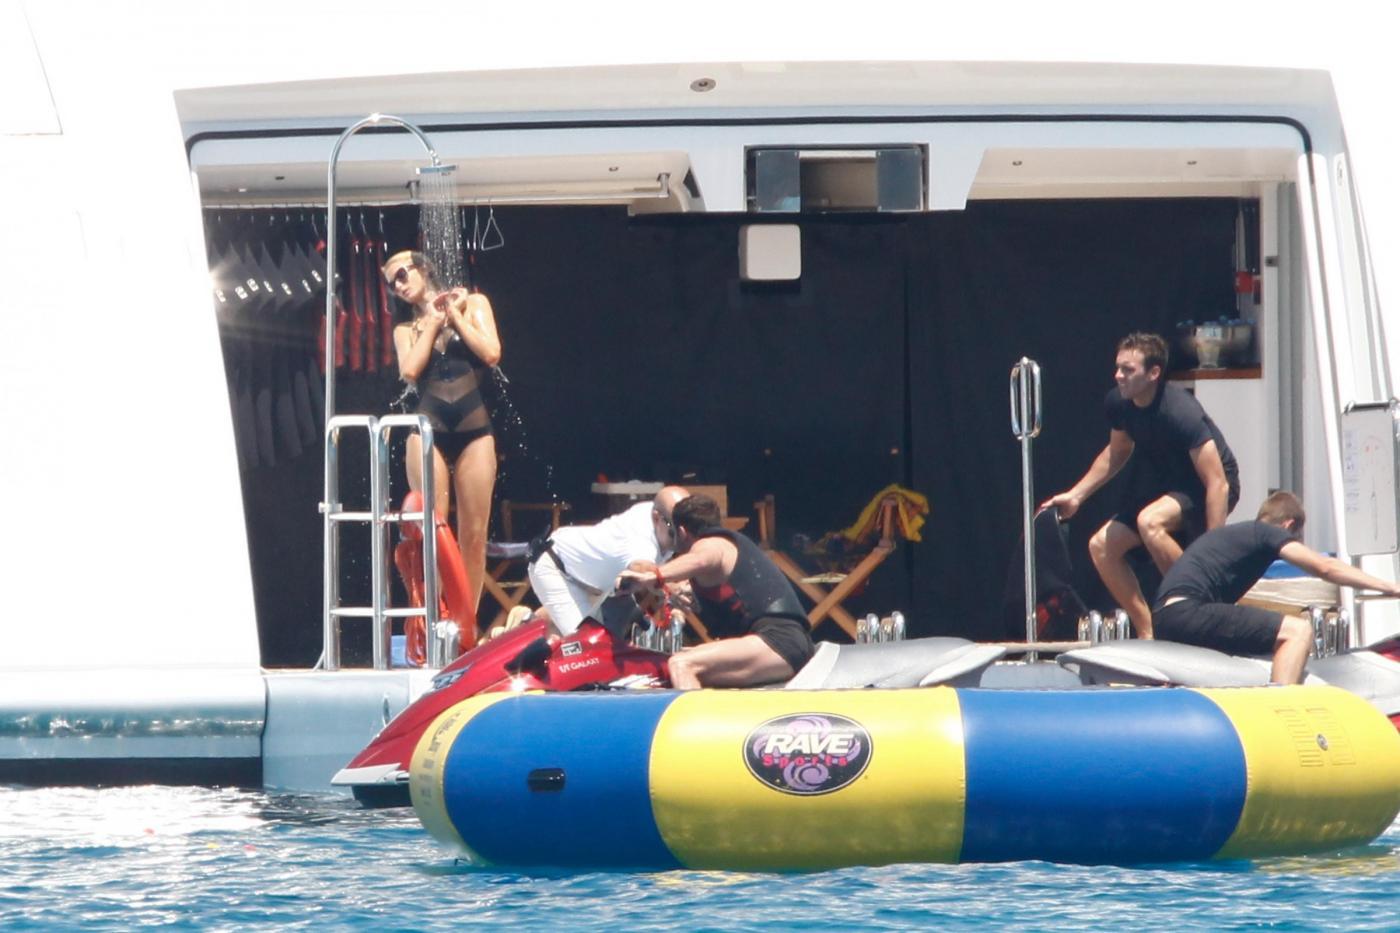 Paris Hilton e fidanzato a Formentera: sole, amore e yacht da sogno21